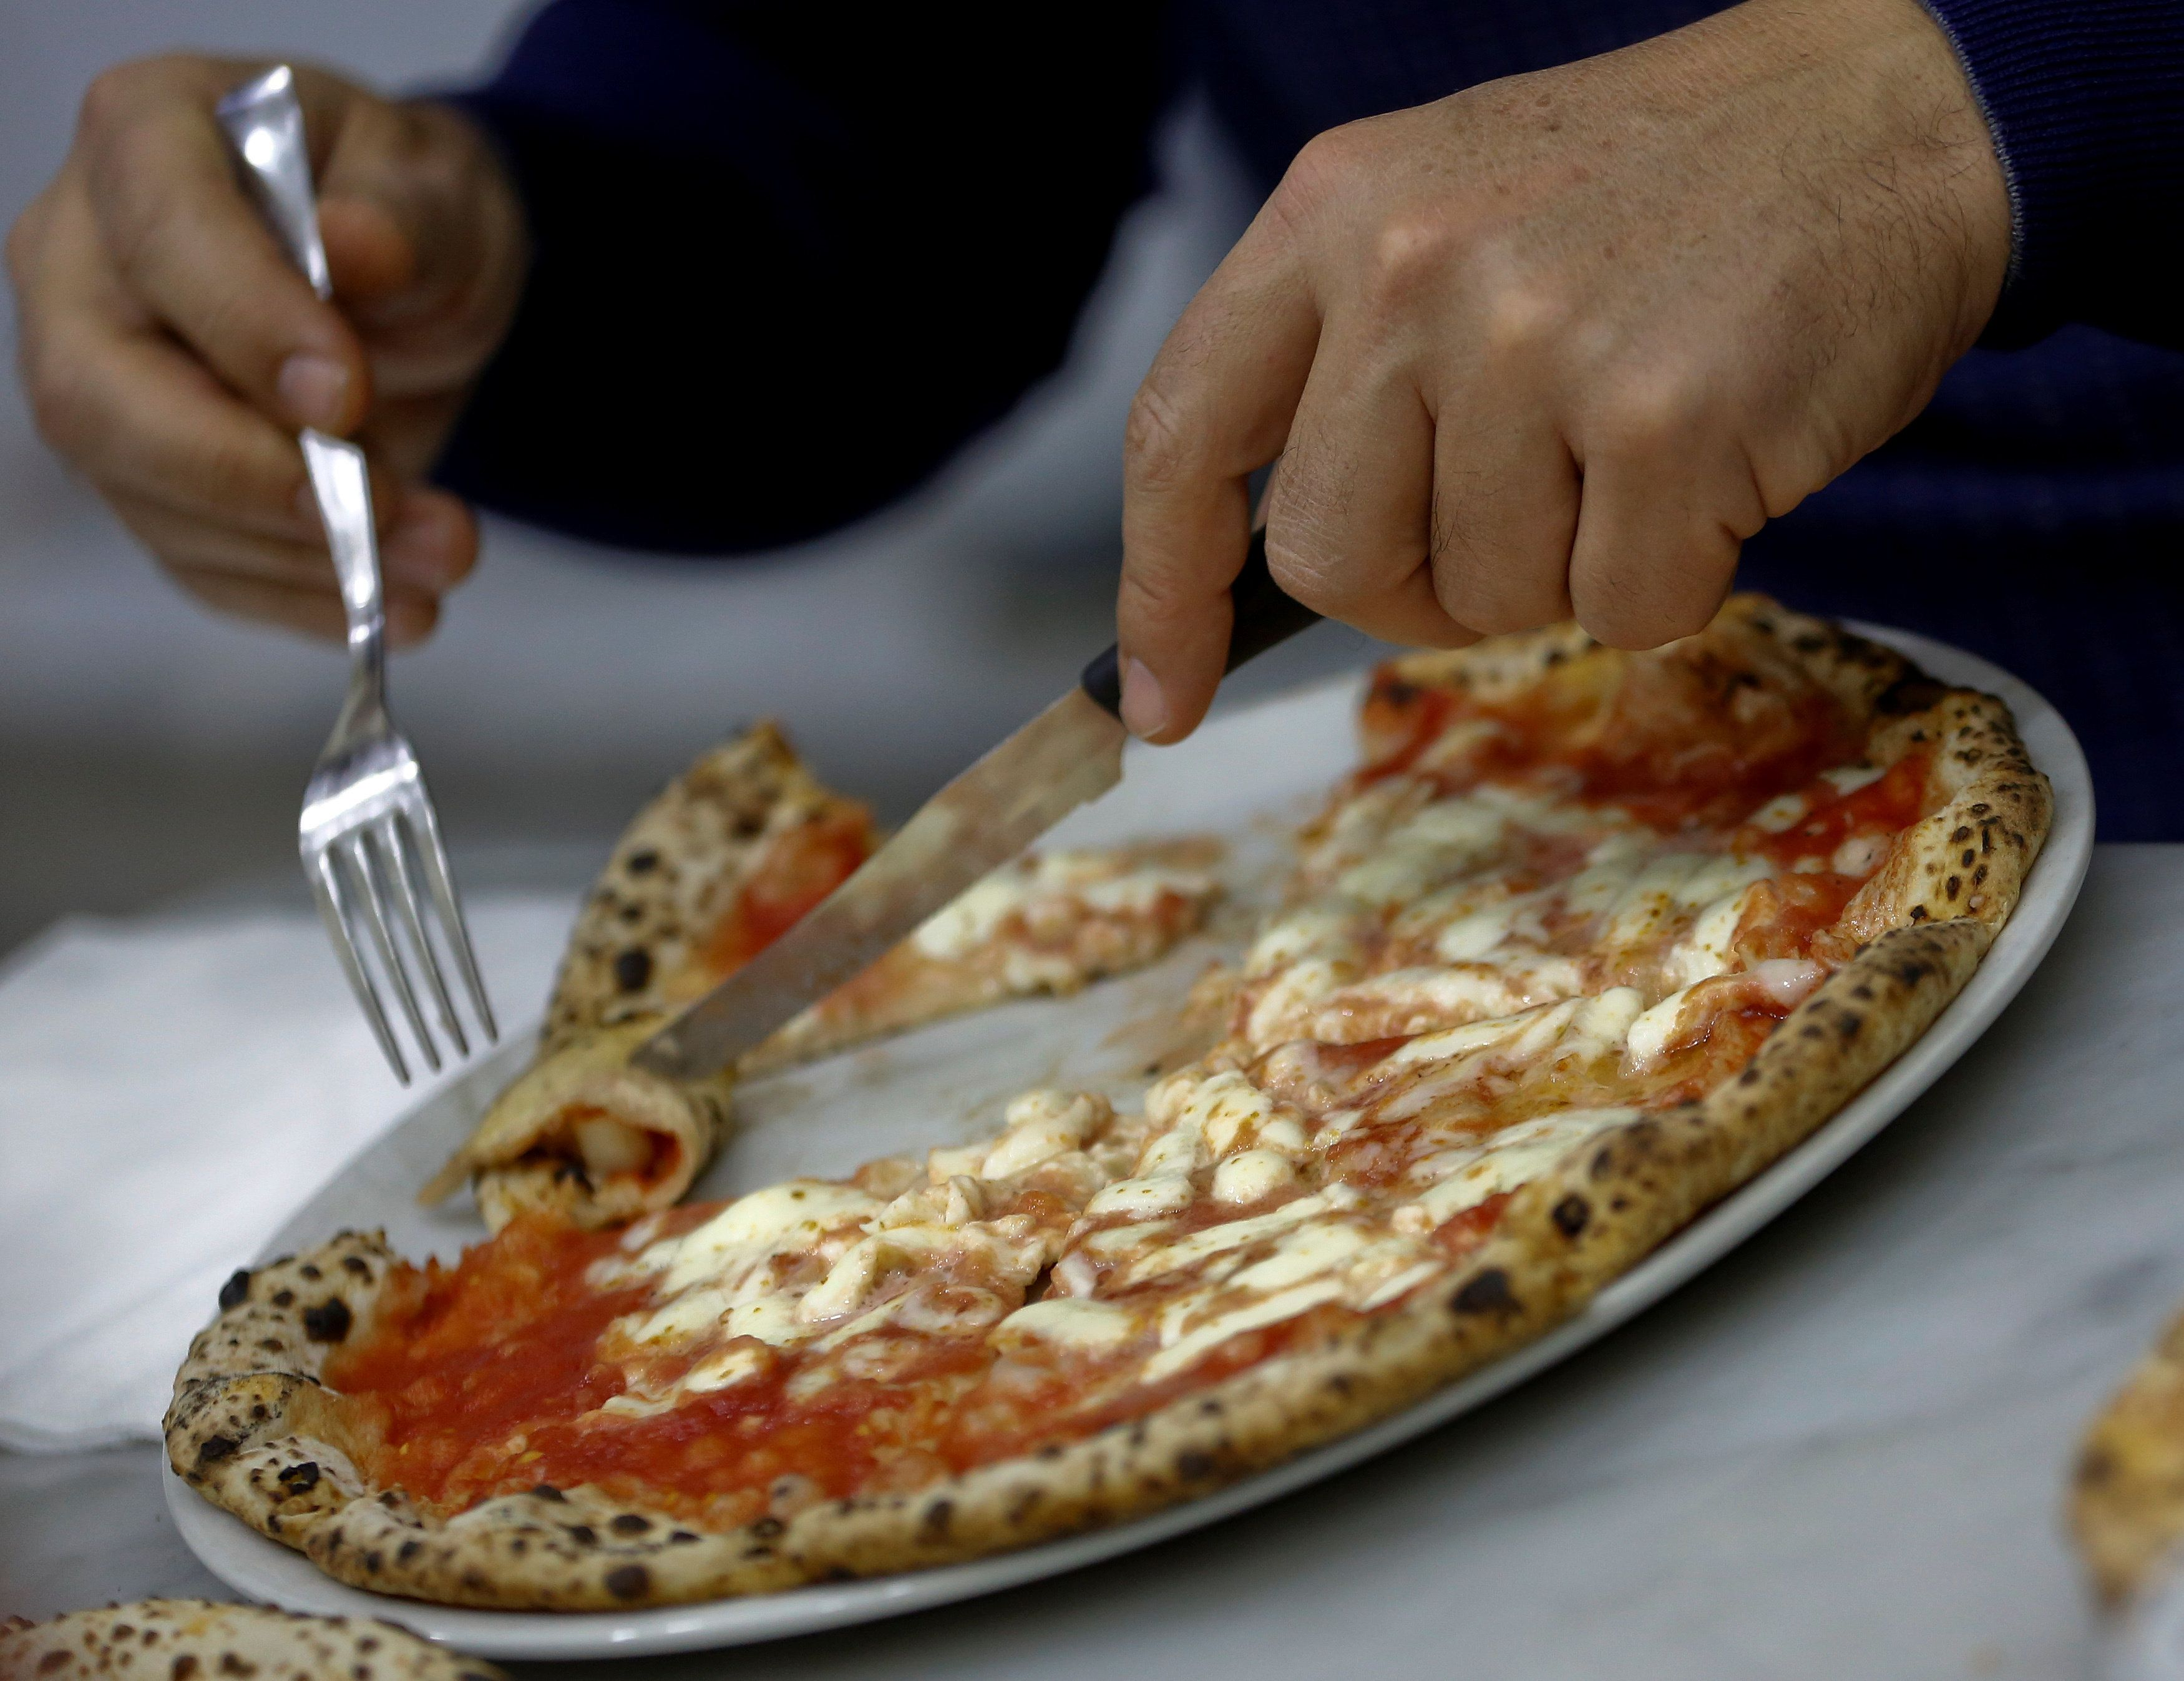 Hessen: Gast beschwert sich über Pizza – dann kommt ihm Faust entgegen